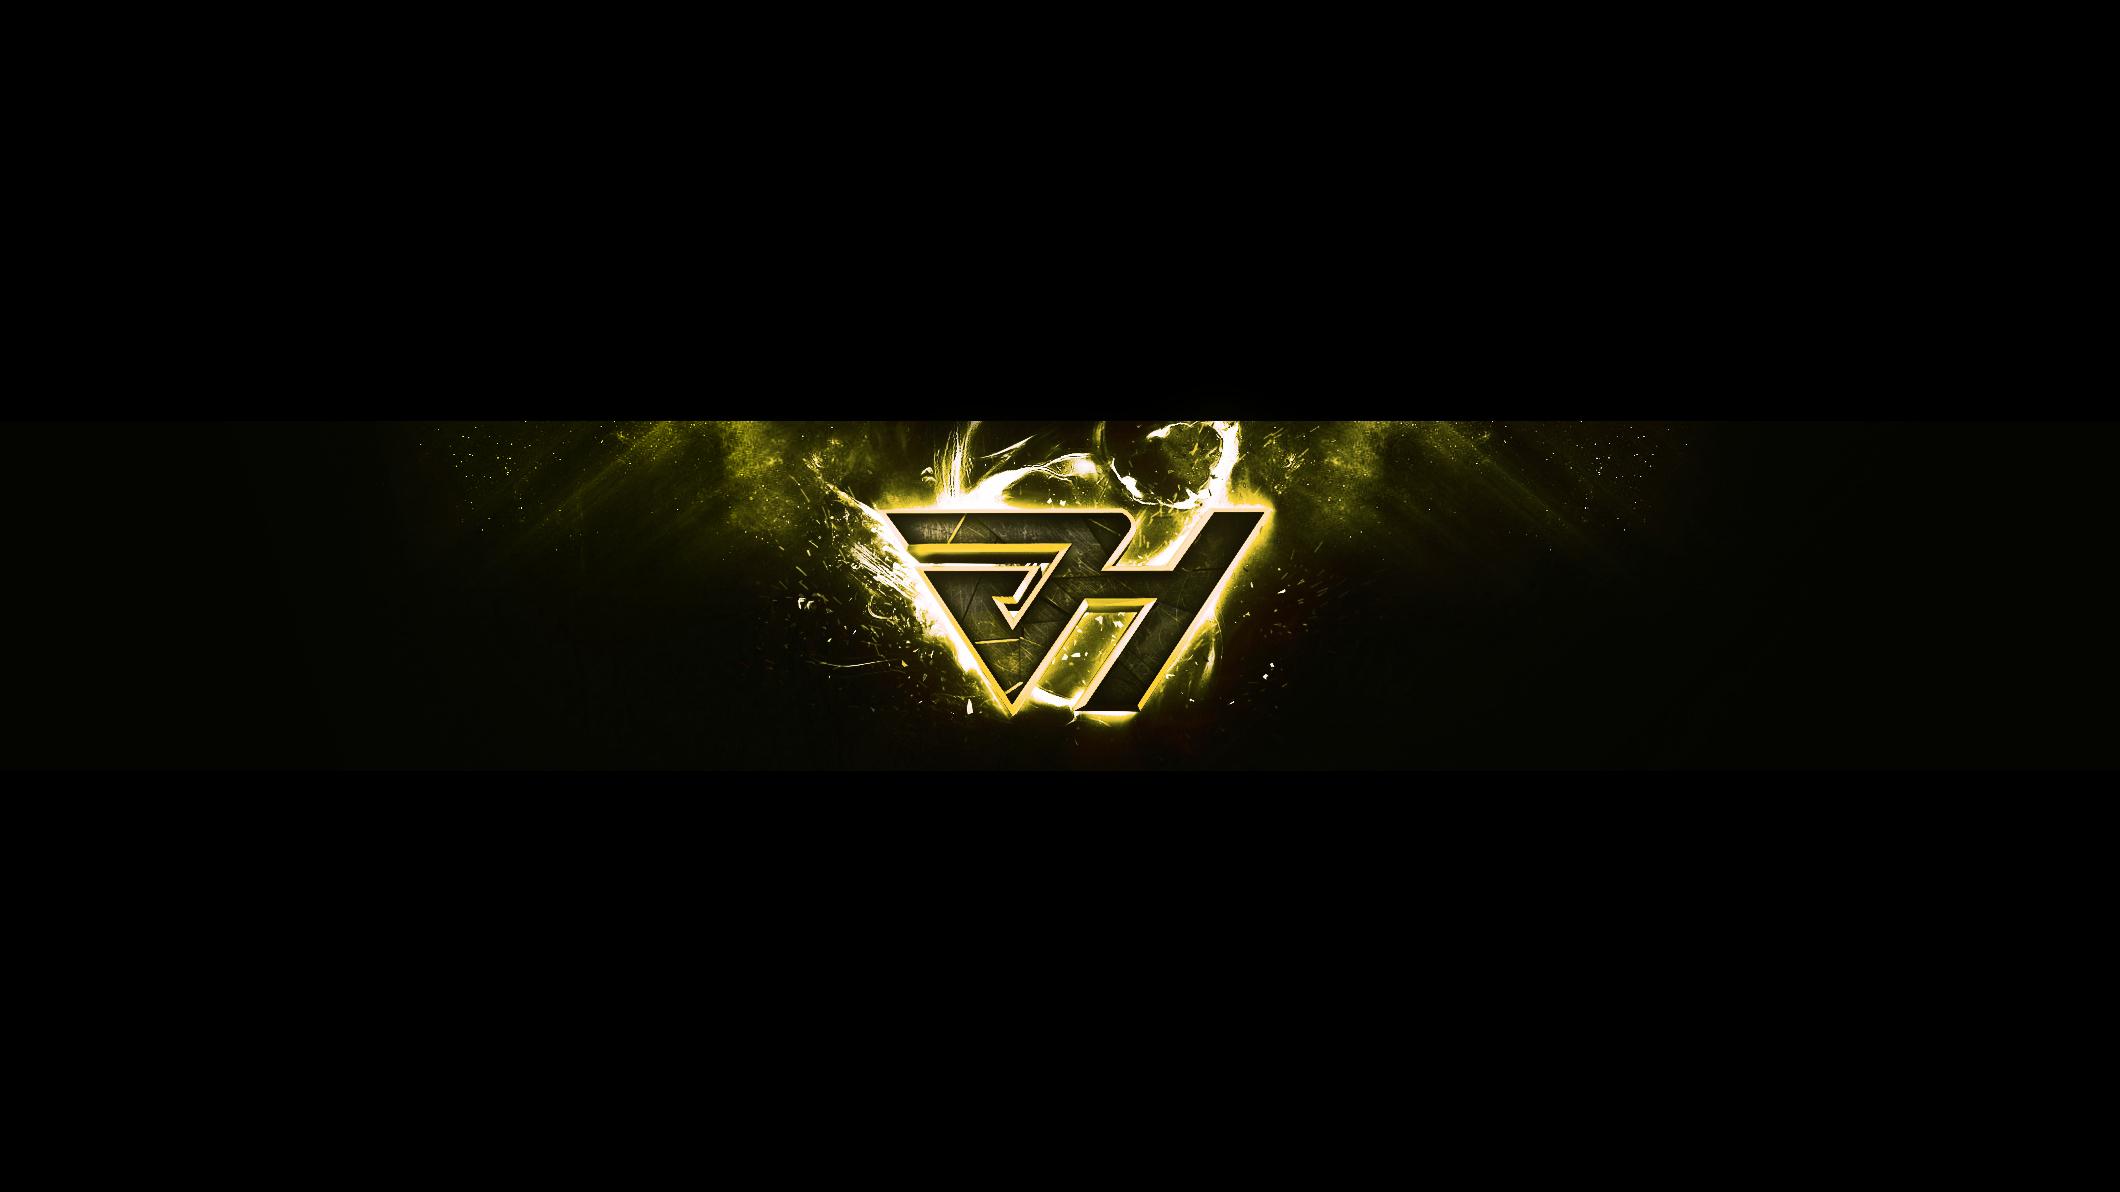 Squishy Muffinz Background Music : JHZER YouTube Banner by IReckLess on DeviantArt